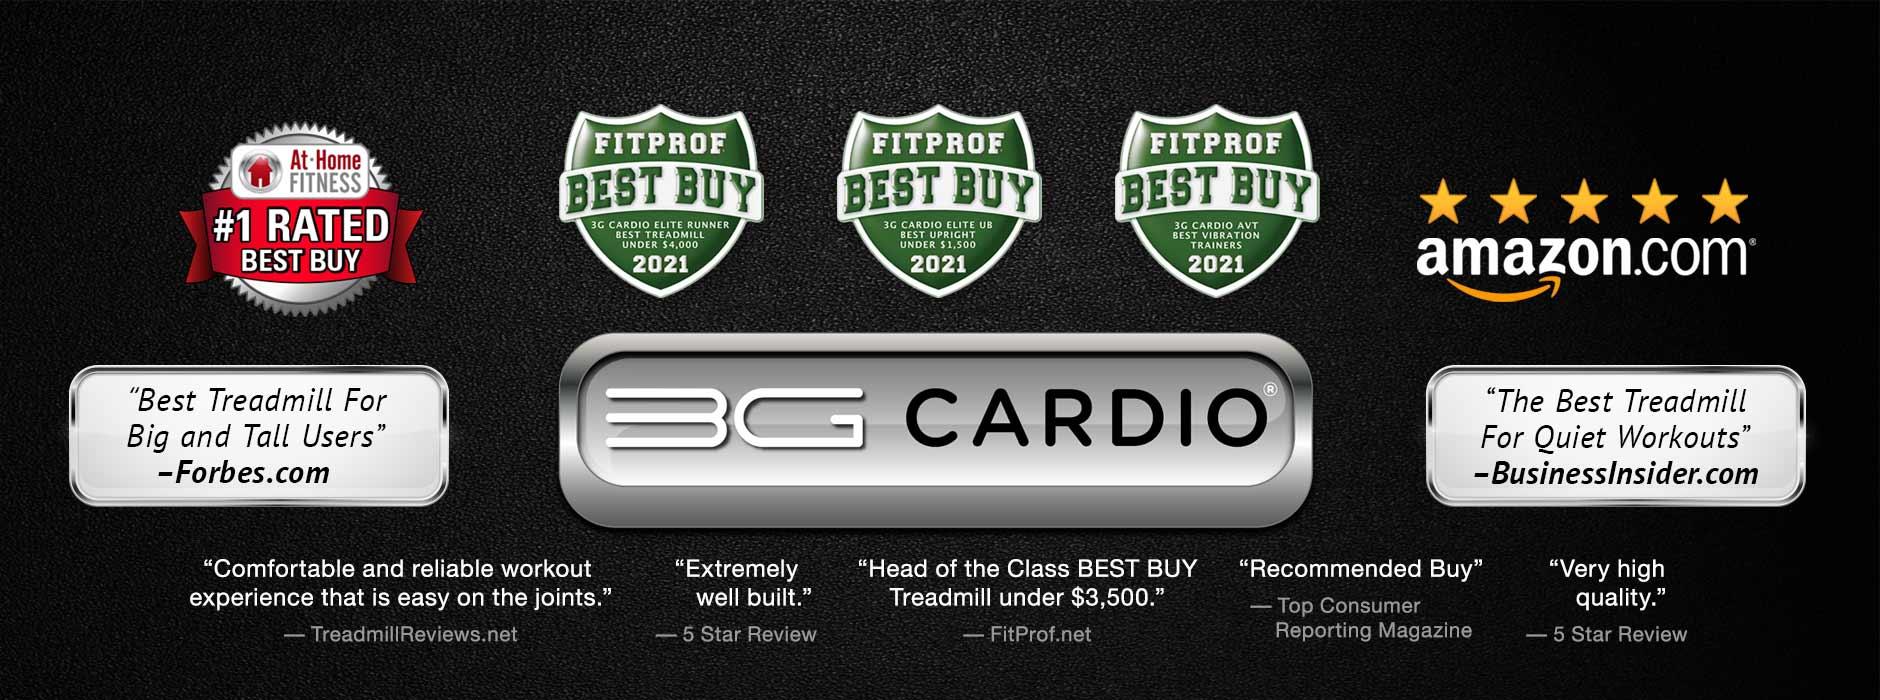 3G Cardio Fitness Equipment Reviews